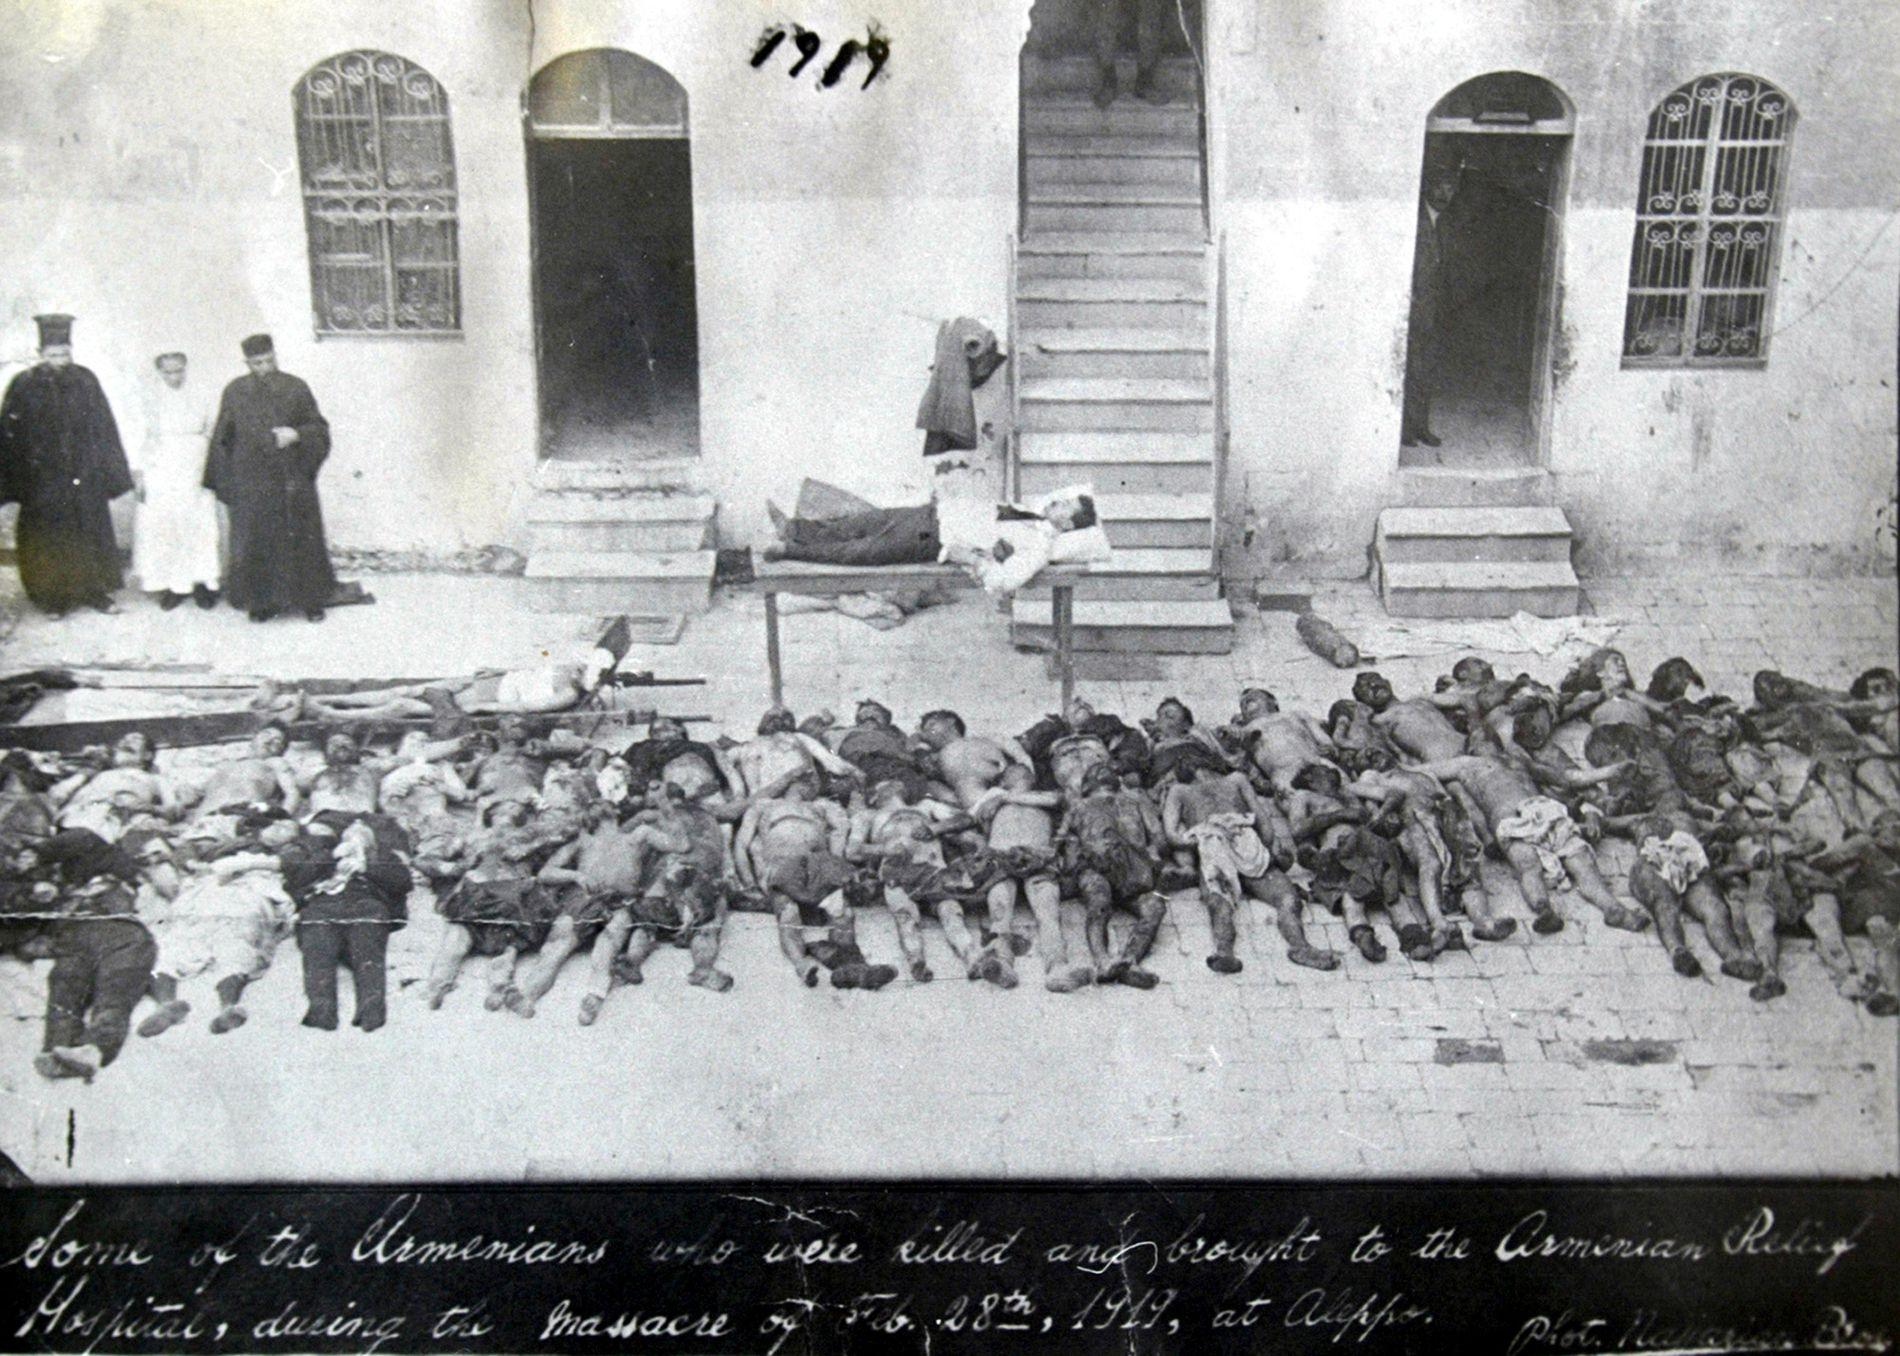 MASSEDRAP: Dette bildet ble sluppet i 1919 av Armenias nasjonalarkiv, og skal vise armenske ofre for det osmanske rikets massakre mot armenere i Aleppo rundt 1915. Ifølge armenske historikere ble opp mot 1,5 millioner armenere drept i massakrer i årene 1915-1923. Den armenske befolkningen ble spredt over mange land etter massakrene.